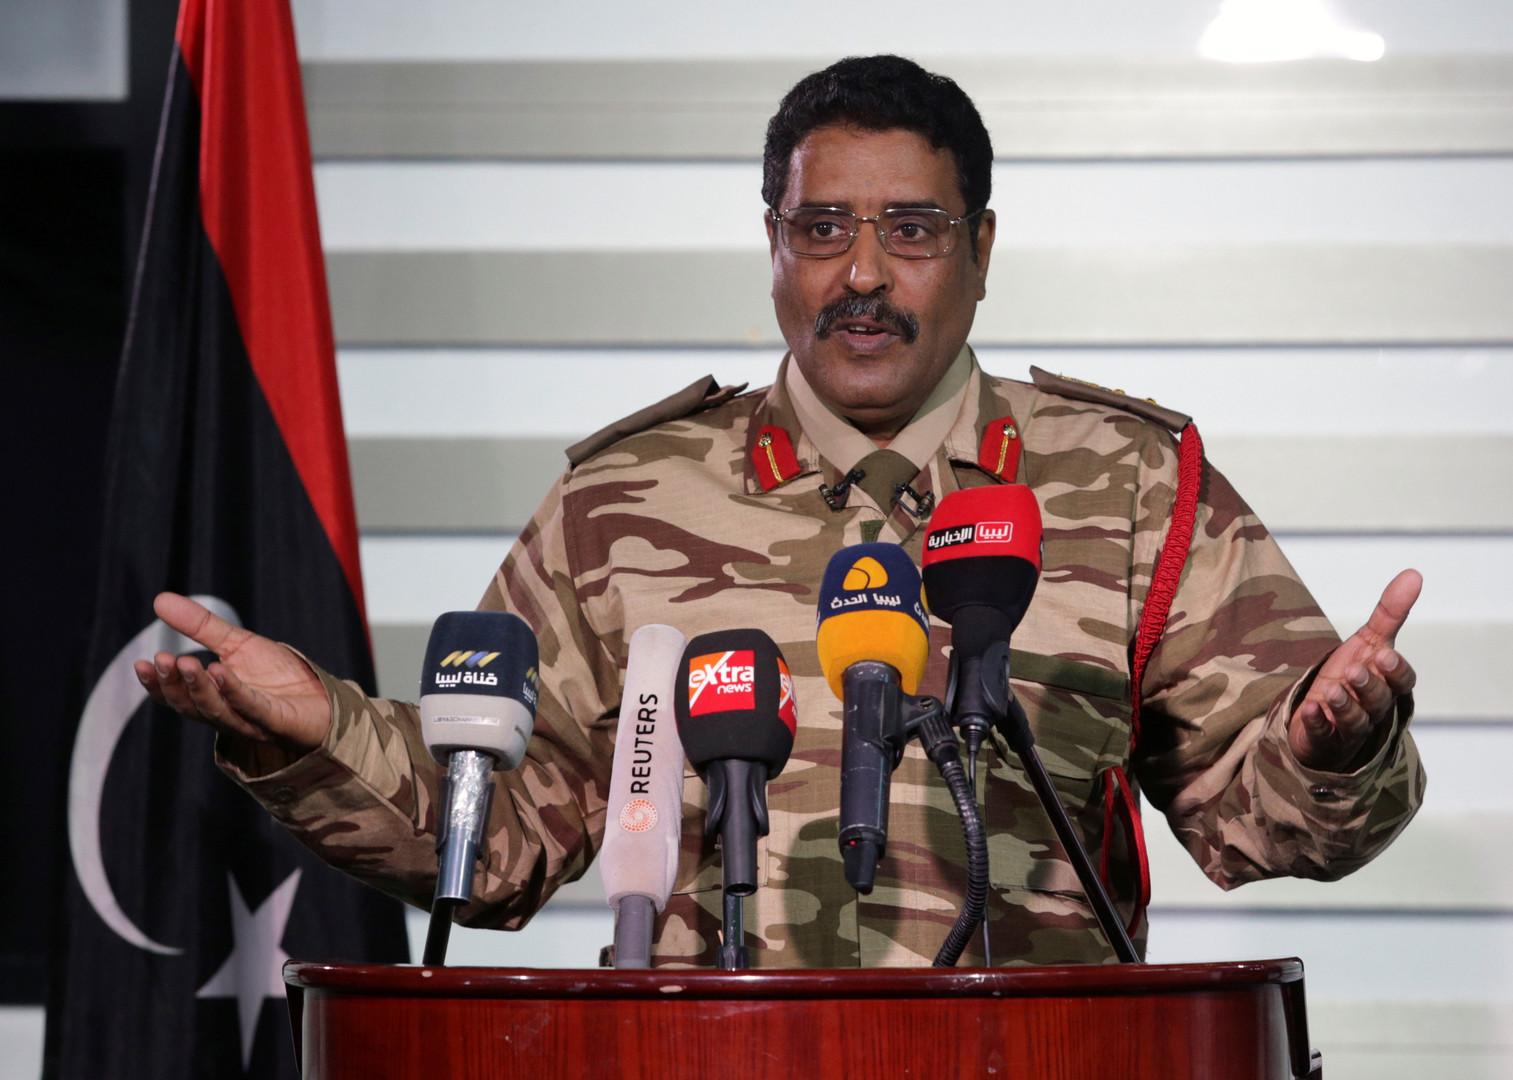 بلومبيرغ: ترامب أيد هجوم حفتر على طرابلس بدعوة من السيسي وبعد اتصال مع بن زايد